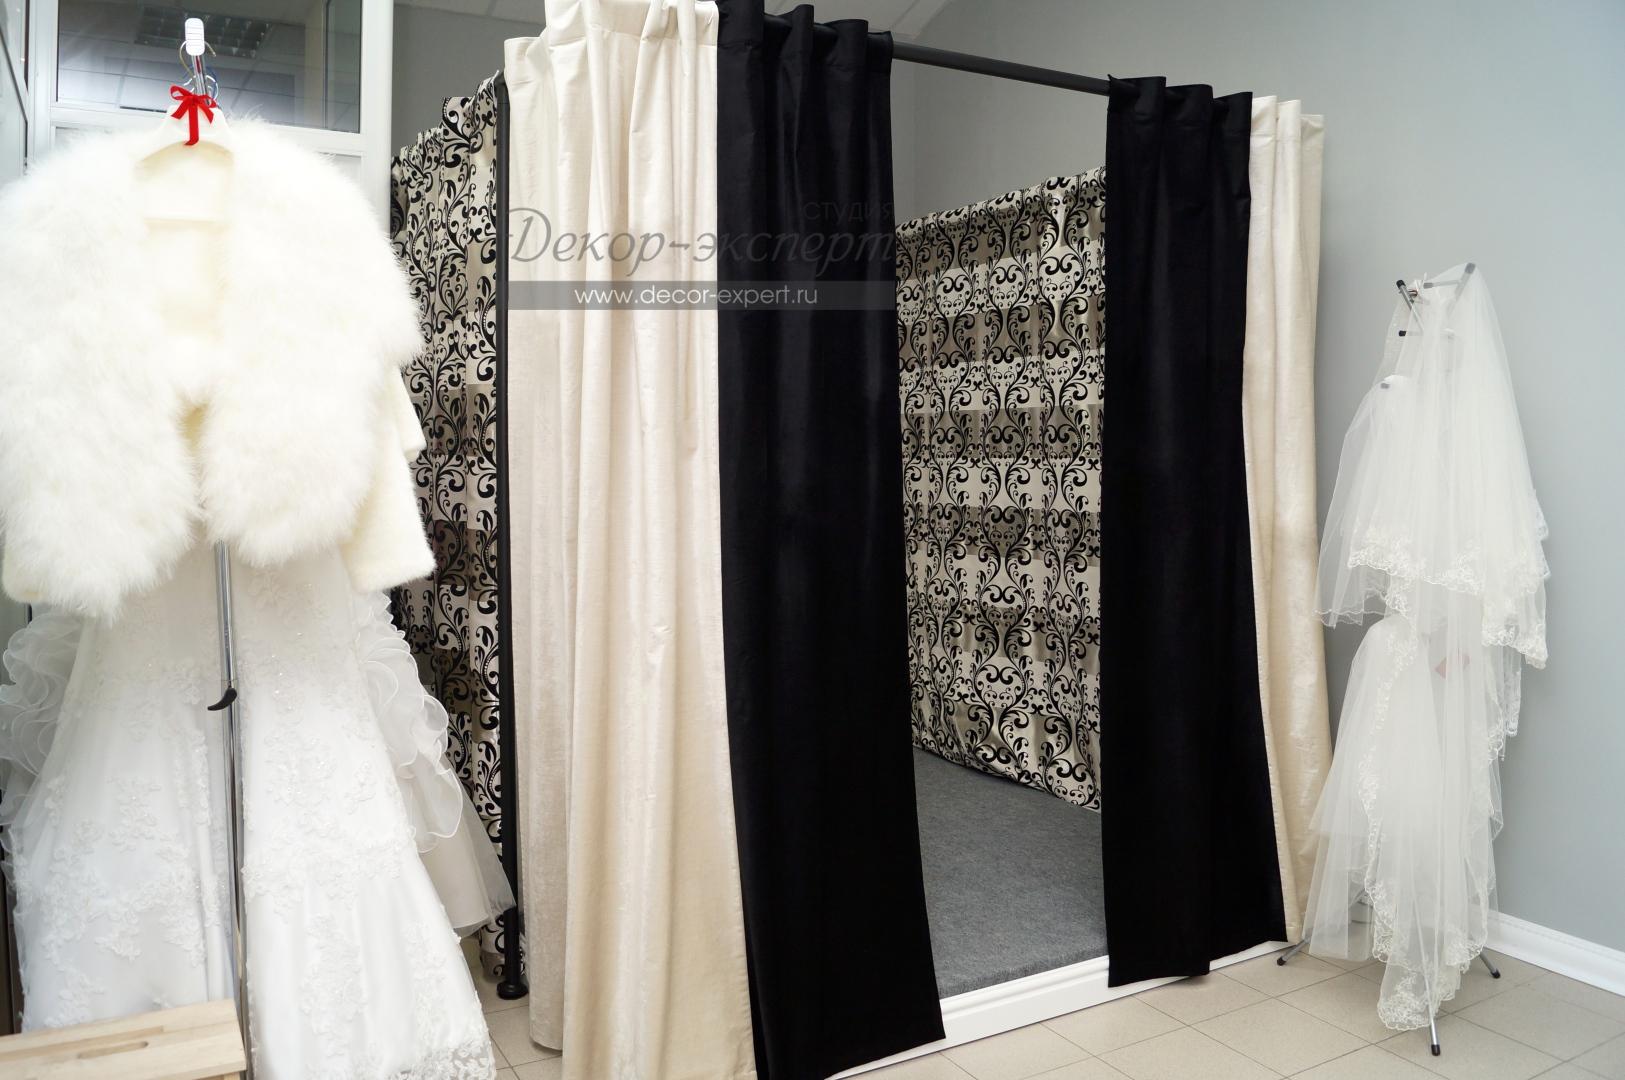 Драпировка примерочной в салоне свадебных платьев